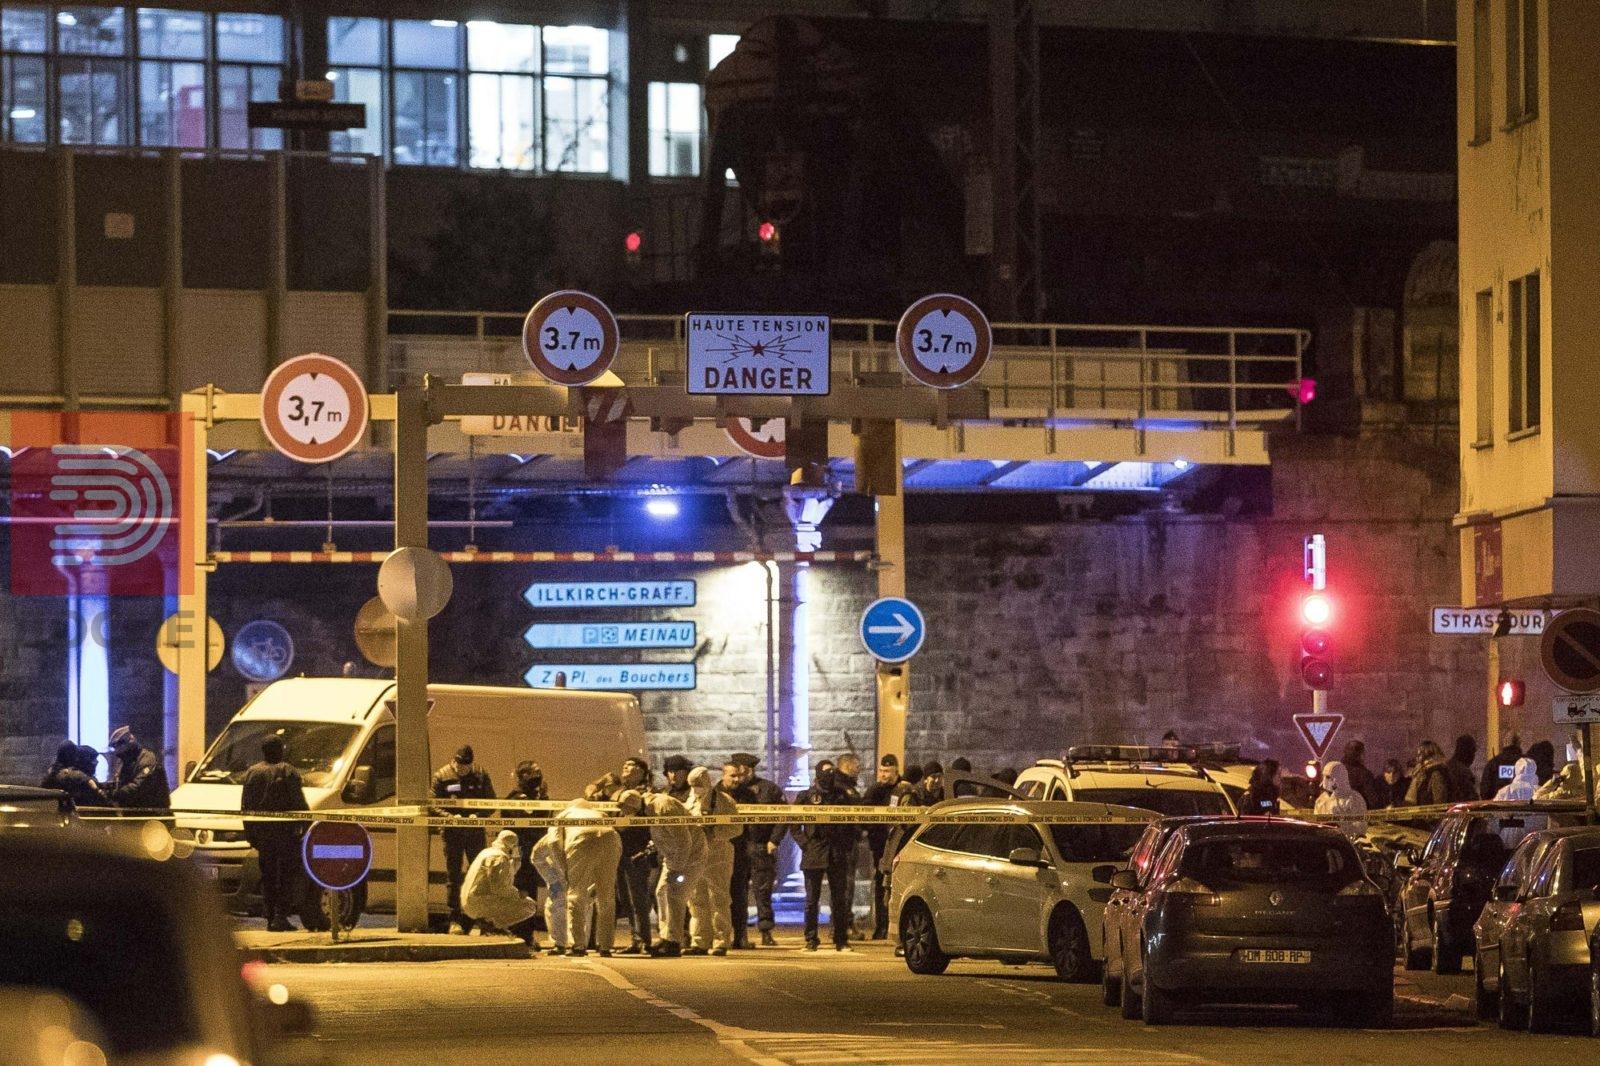 ВИДЕО: Убиецот на Божиќниот базар во Стразбур ликвидиран во престрелка со полицијата